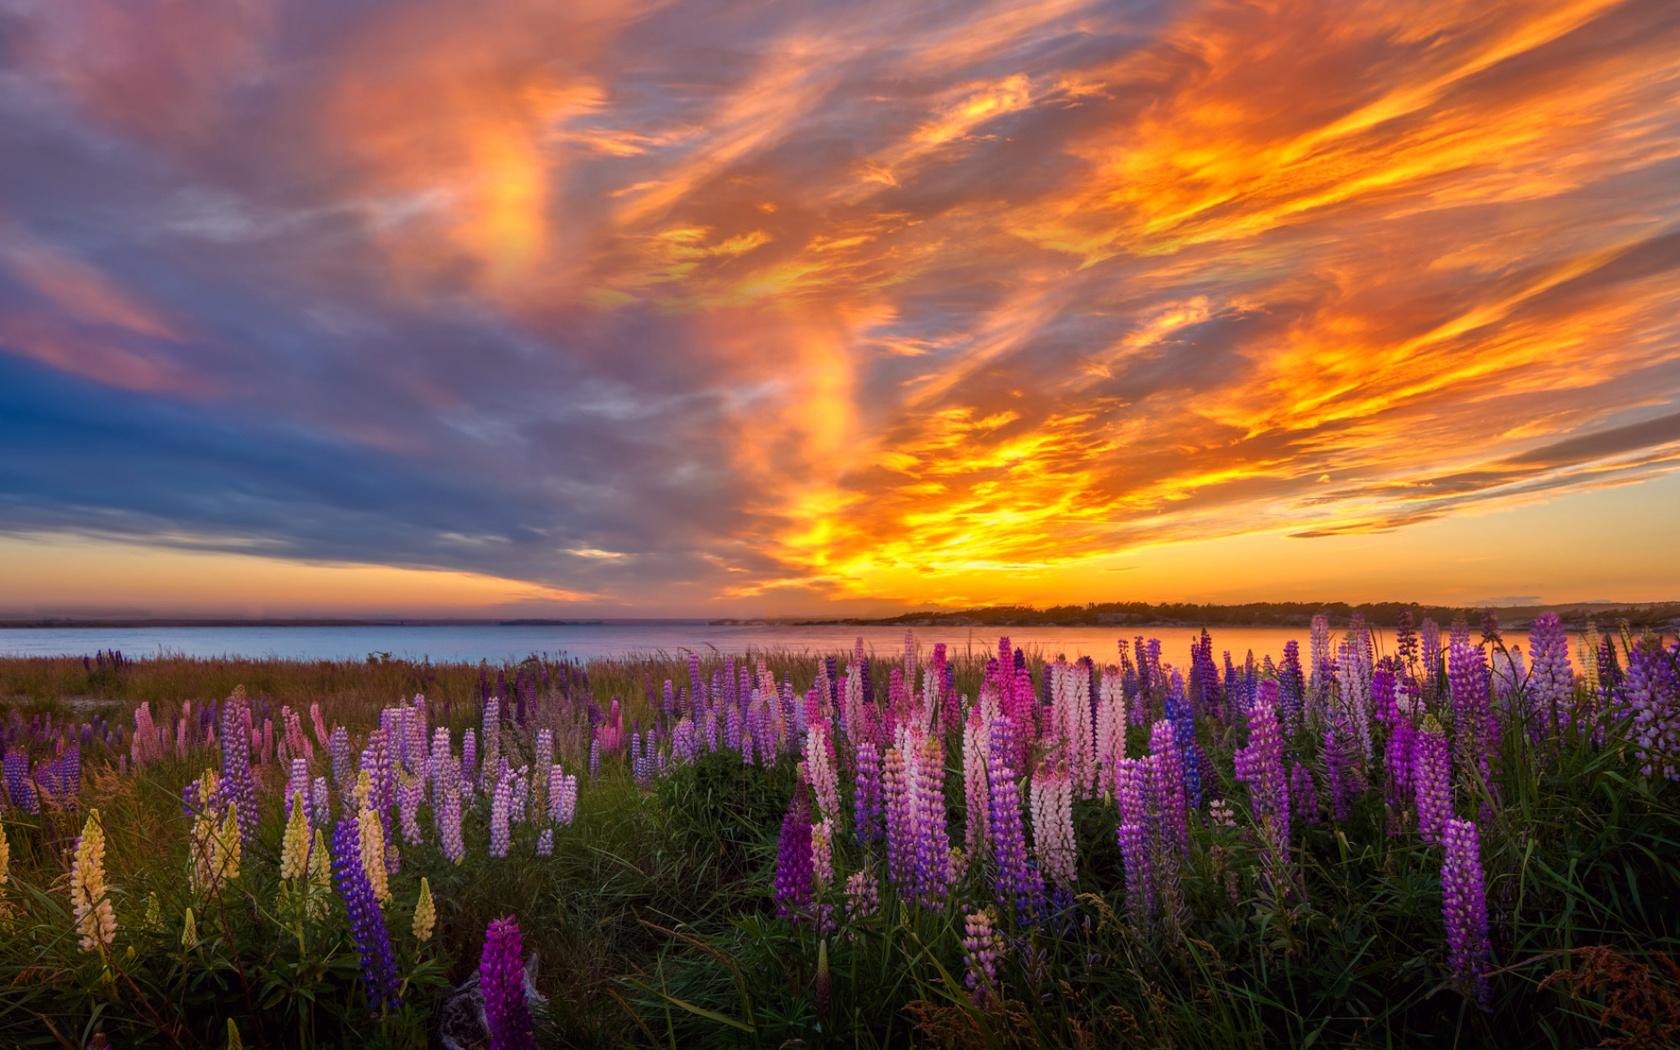 луг, цветы, небо, заря, море